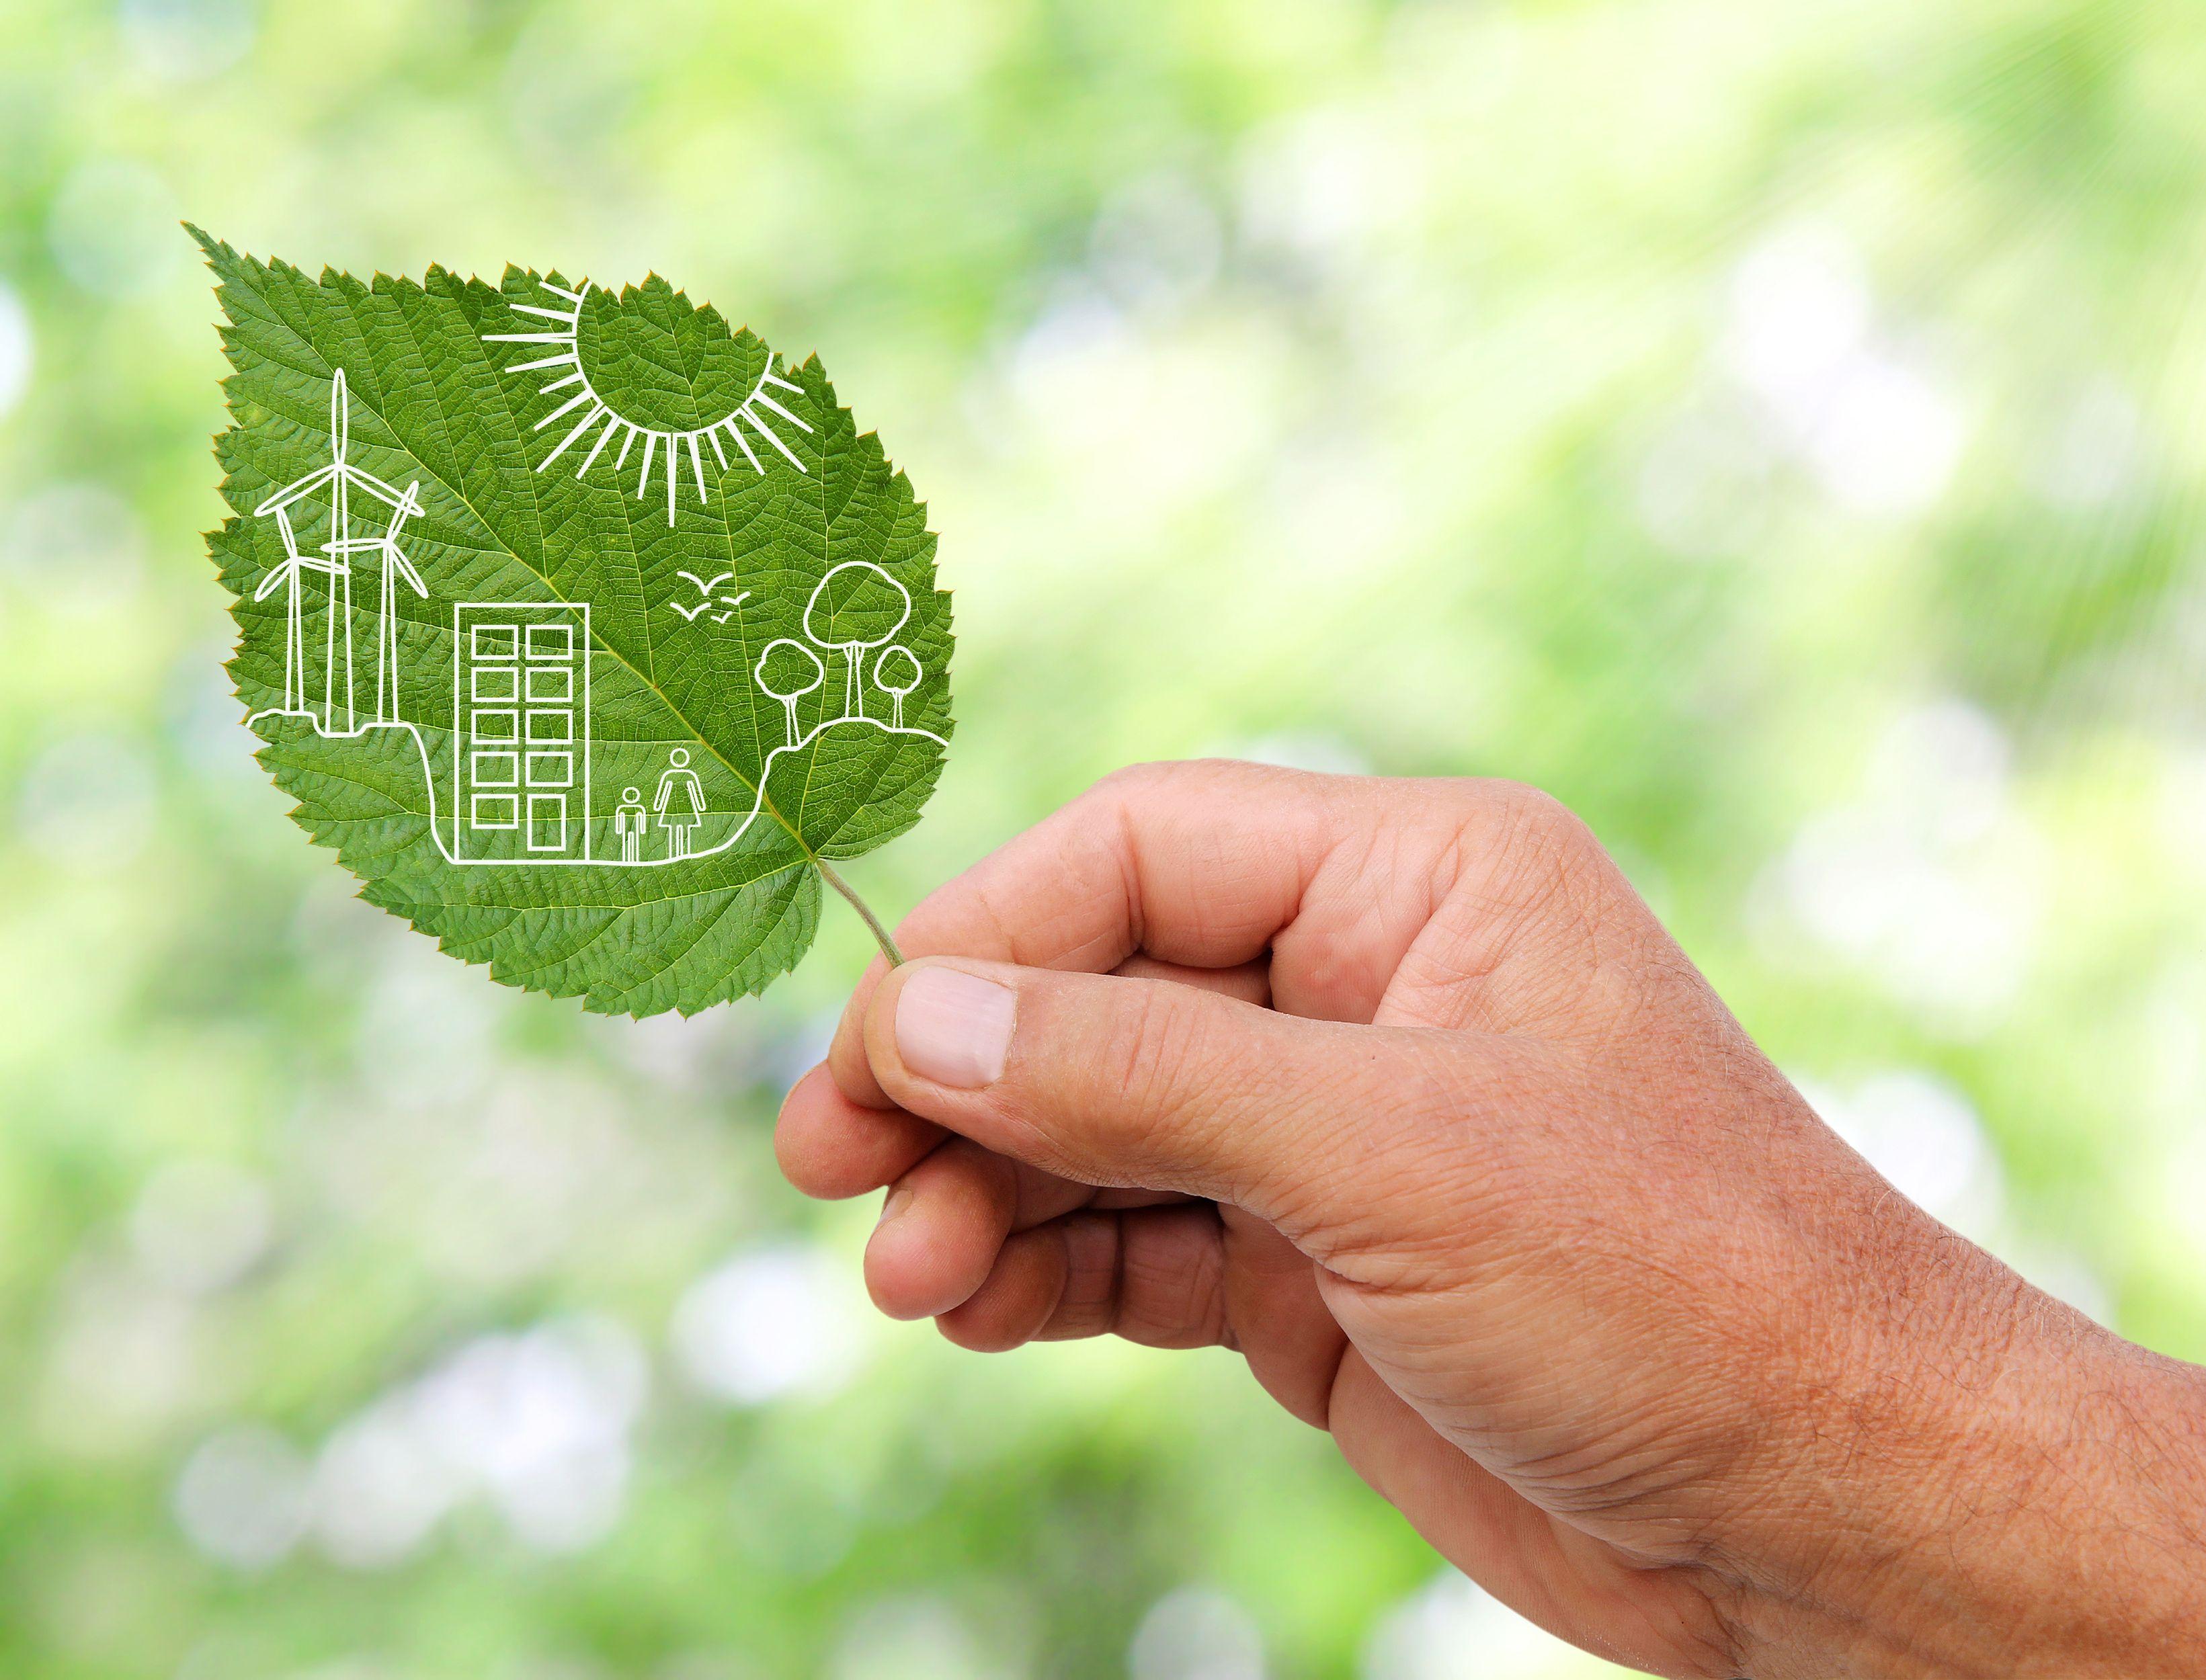 Iinstalaciones de gas natural: Nuestros Servicios de Calefacciones Lamfu